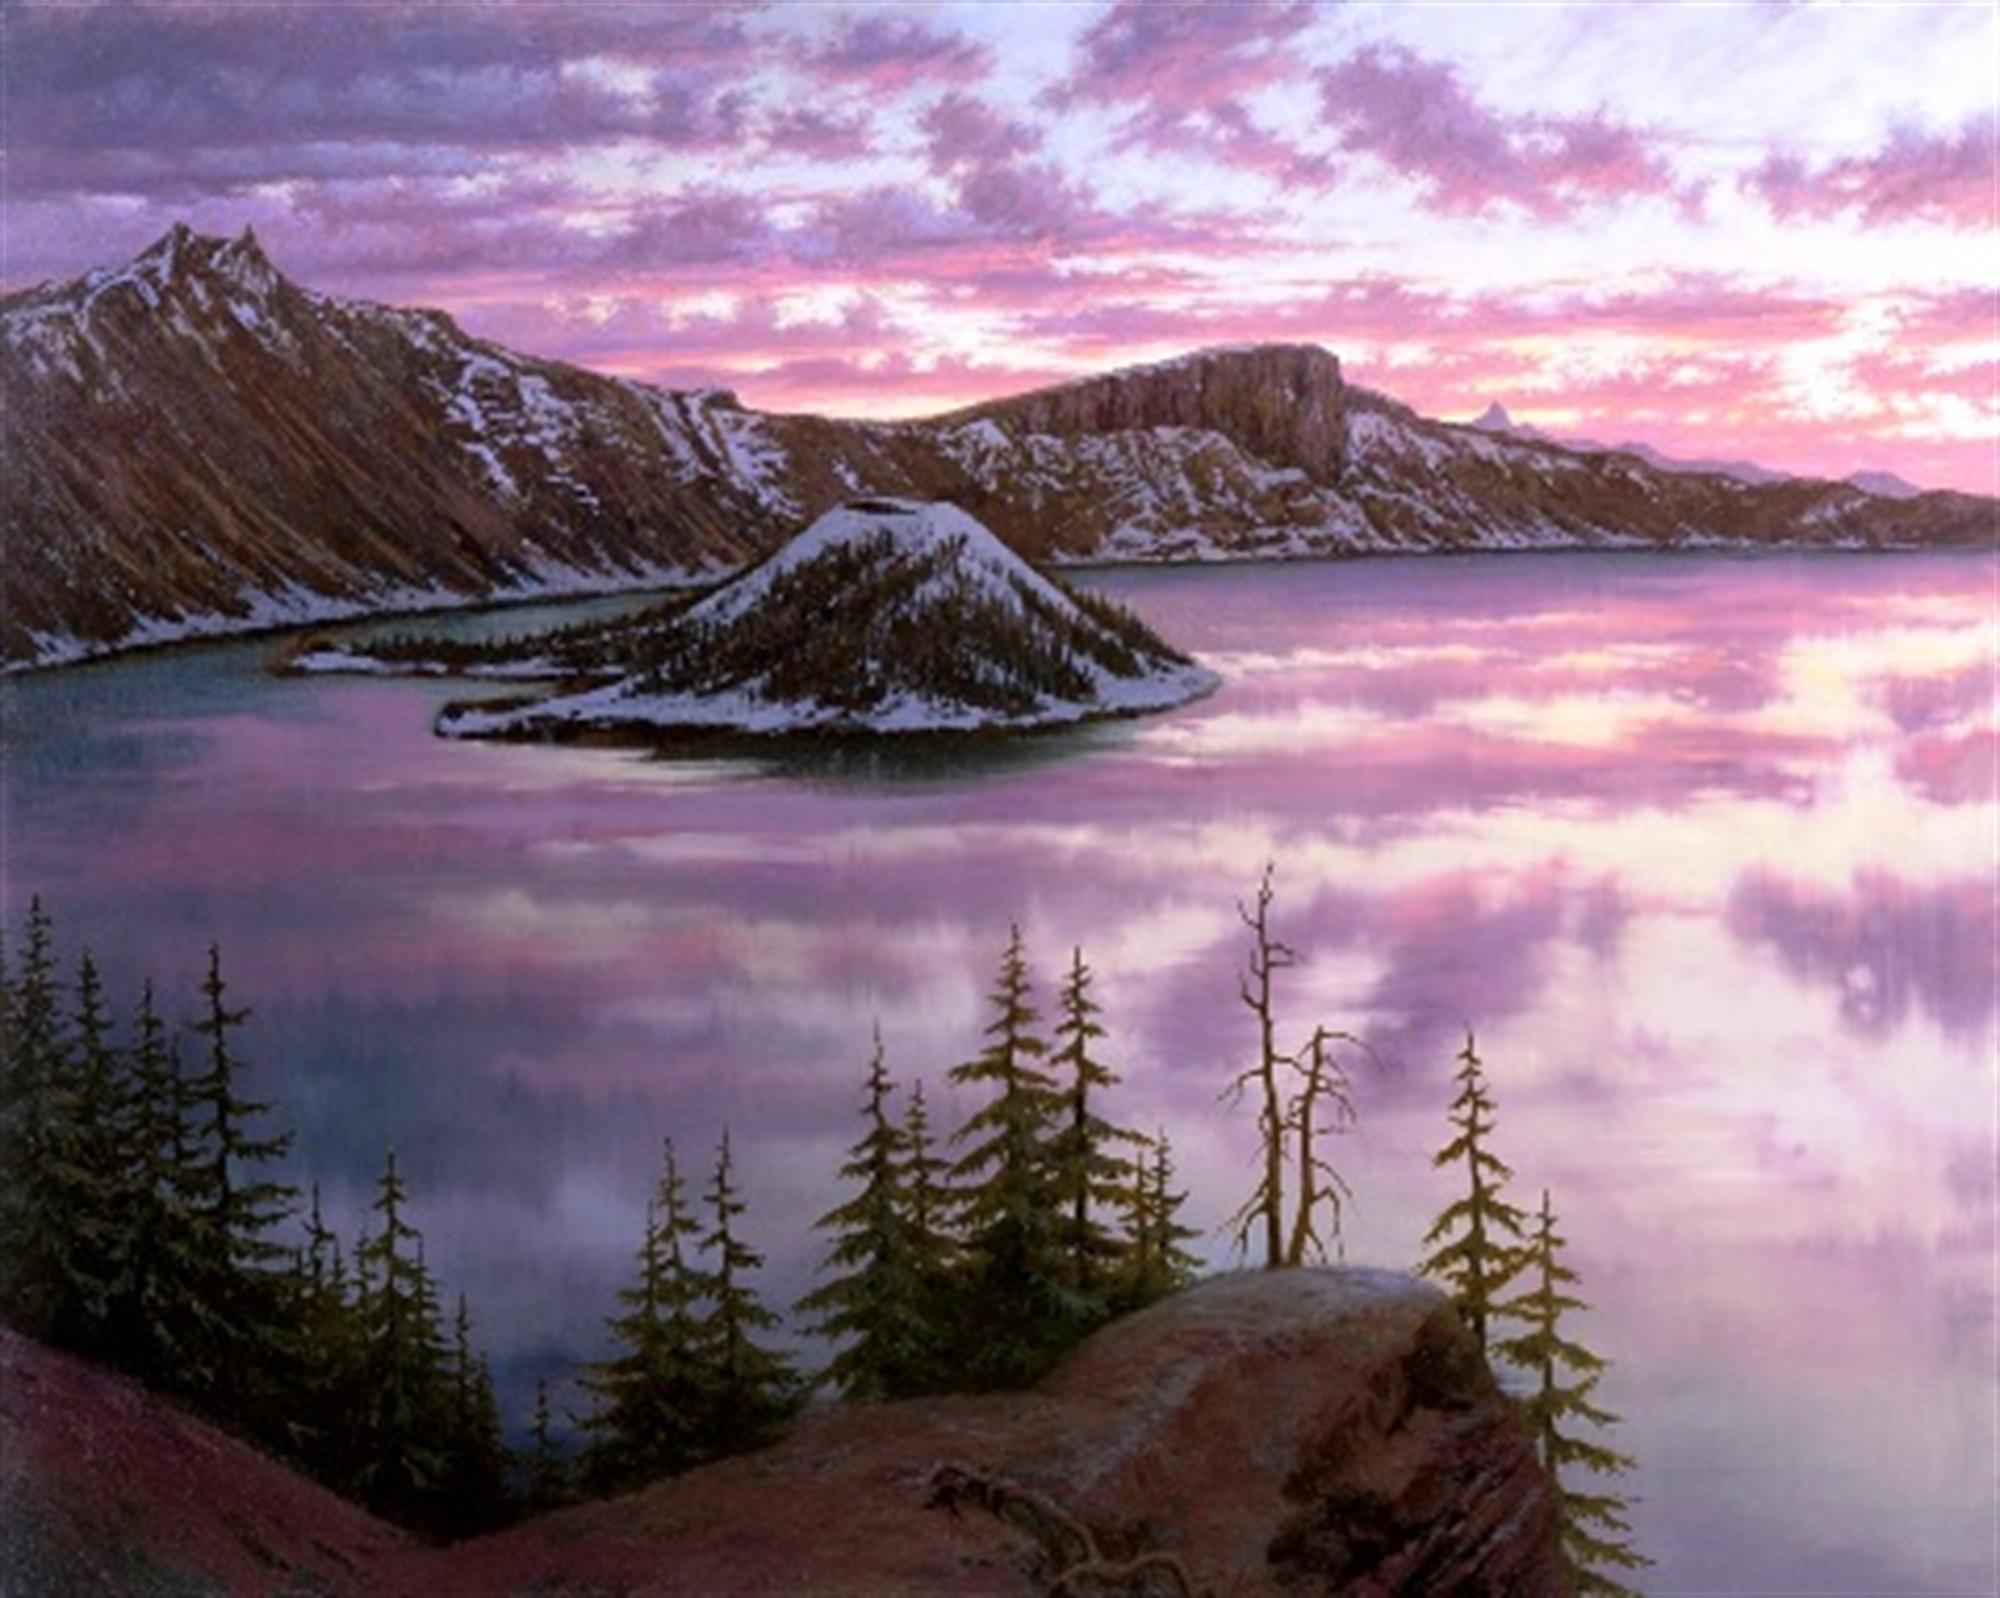 Sunset at Crater Lake by Alexei Butirskiy